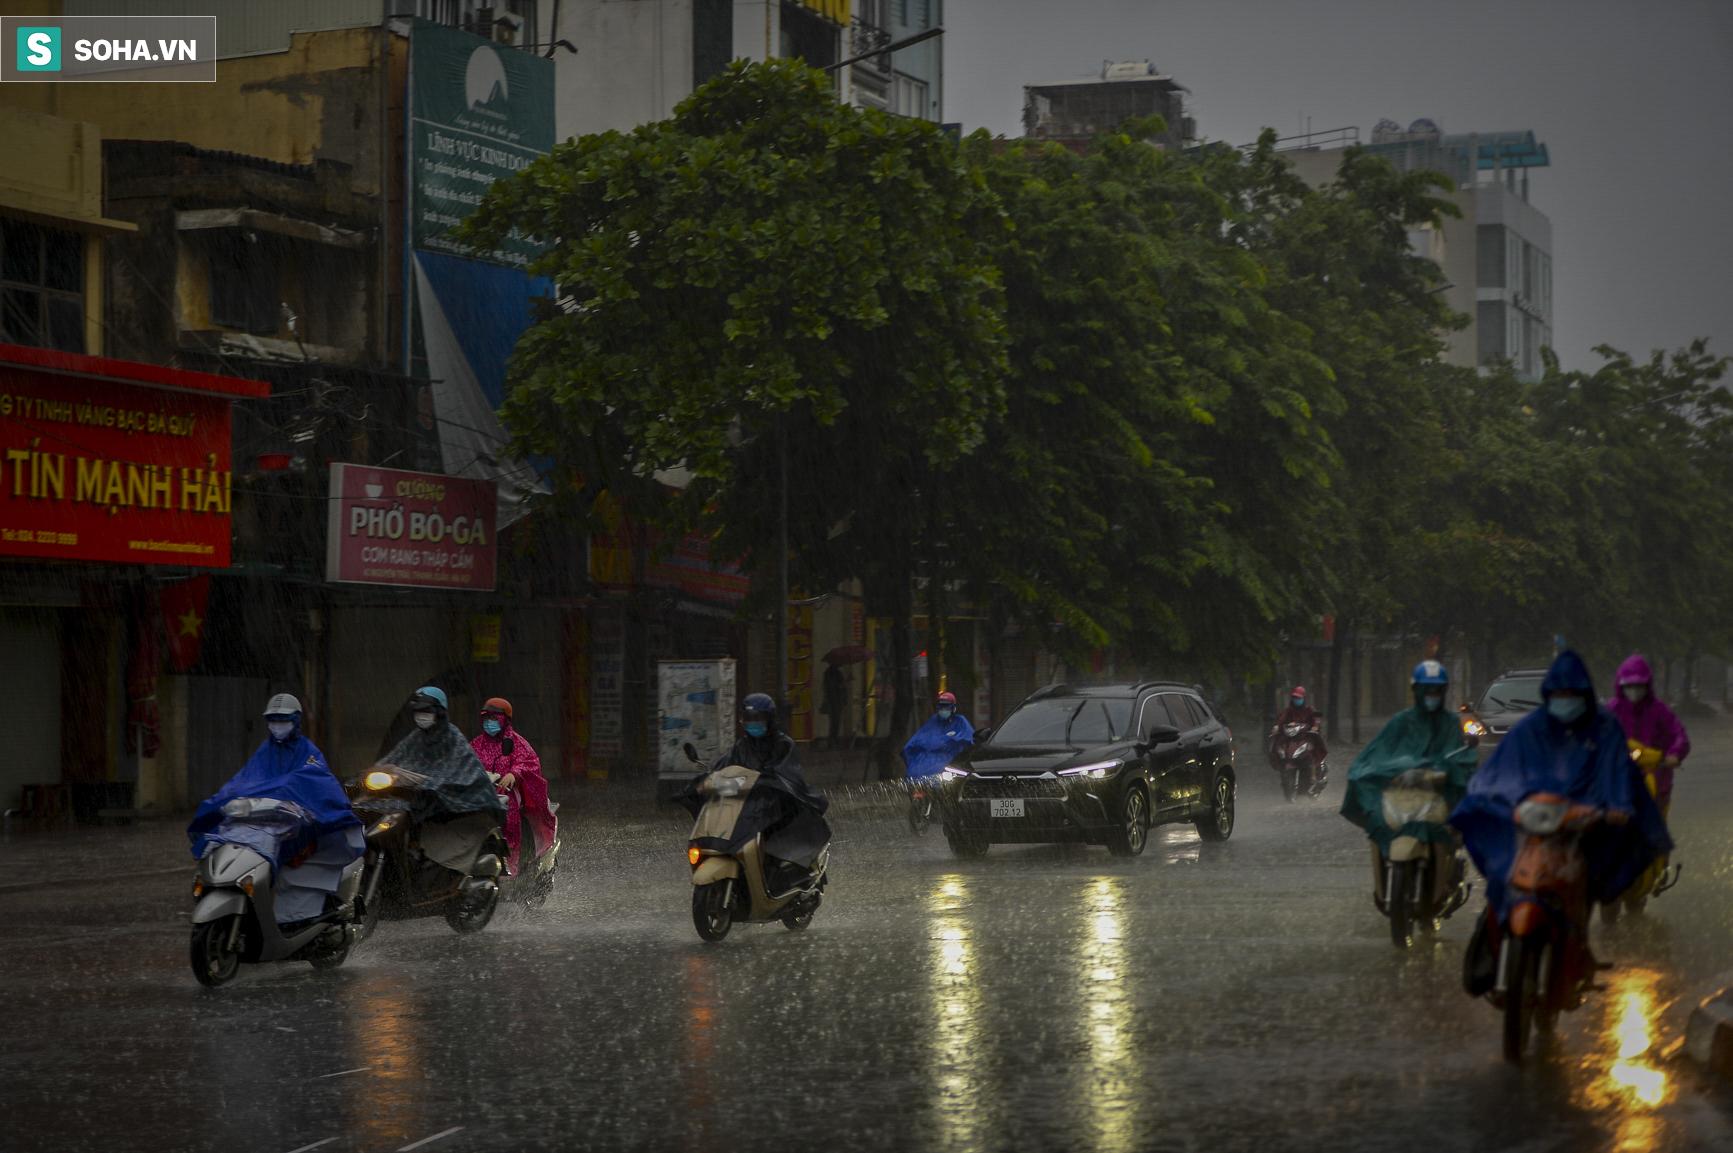 Hà Nội: Trận mưa rào lúc 8h sáng khiến trời tối sầm, nhiều phương tiện phải bật đèn để di chuyển - Ảnh 1.